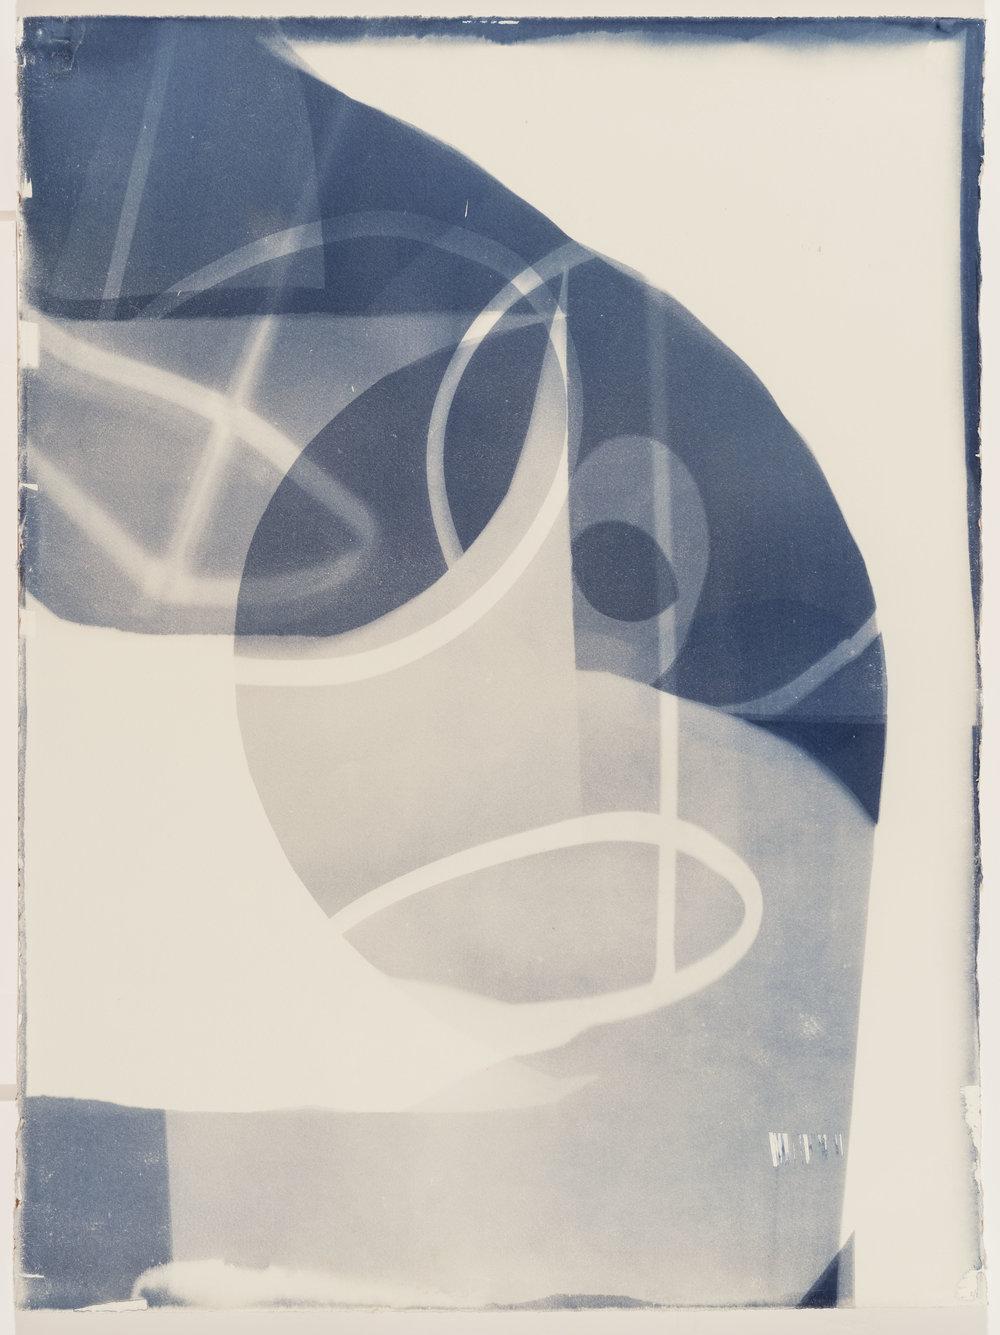 Harwood_Cyanotype_30x22_$500.jpg